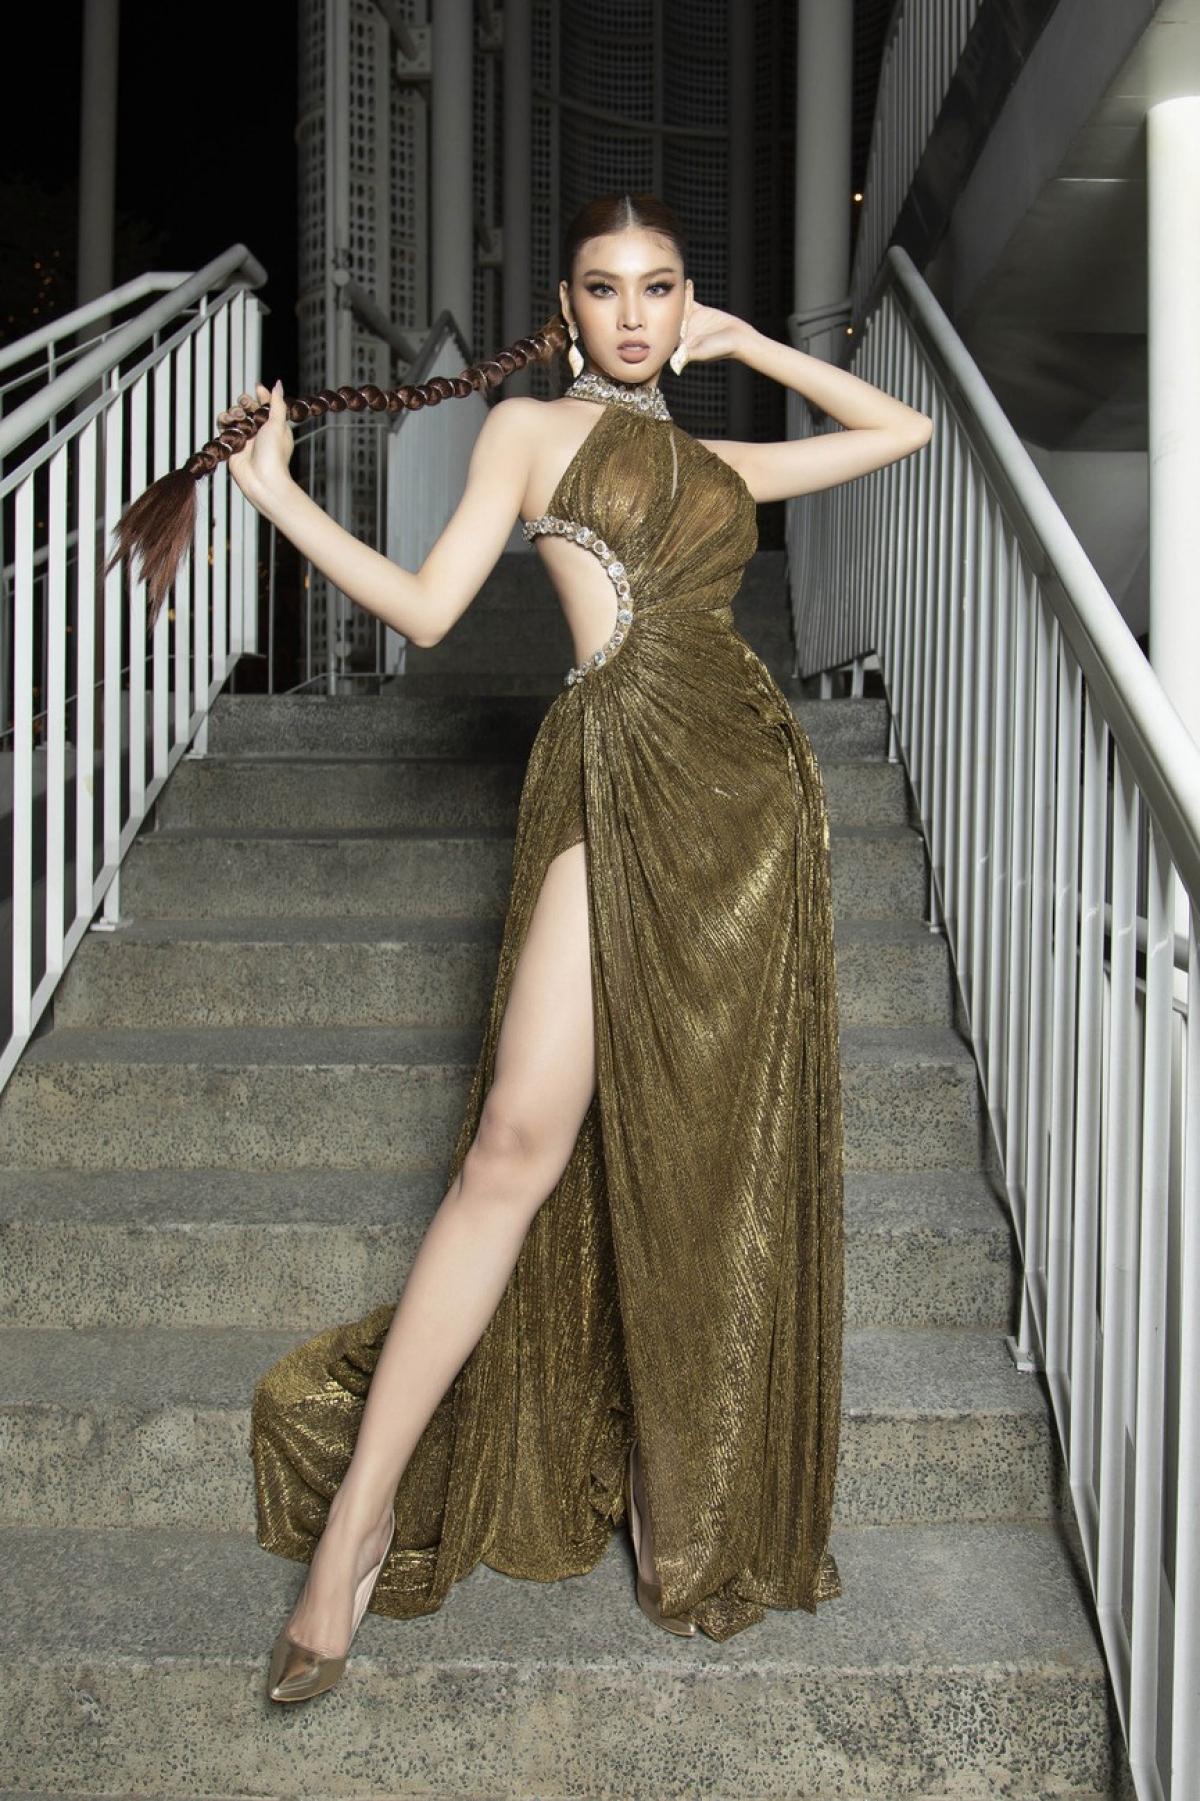 Bộ váy giúp tôn lên triệt để đôi chân dài 1m11 của người đẹp.